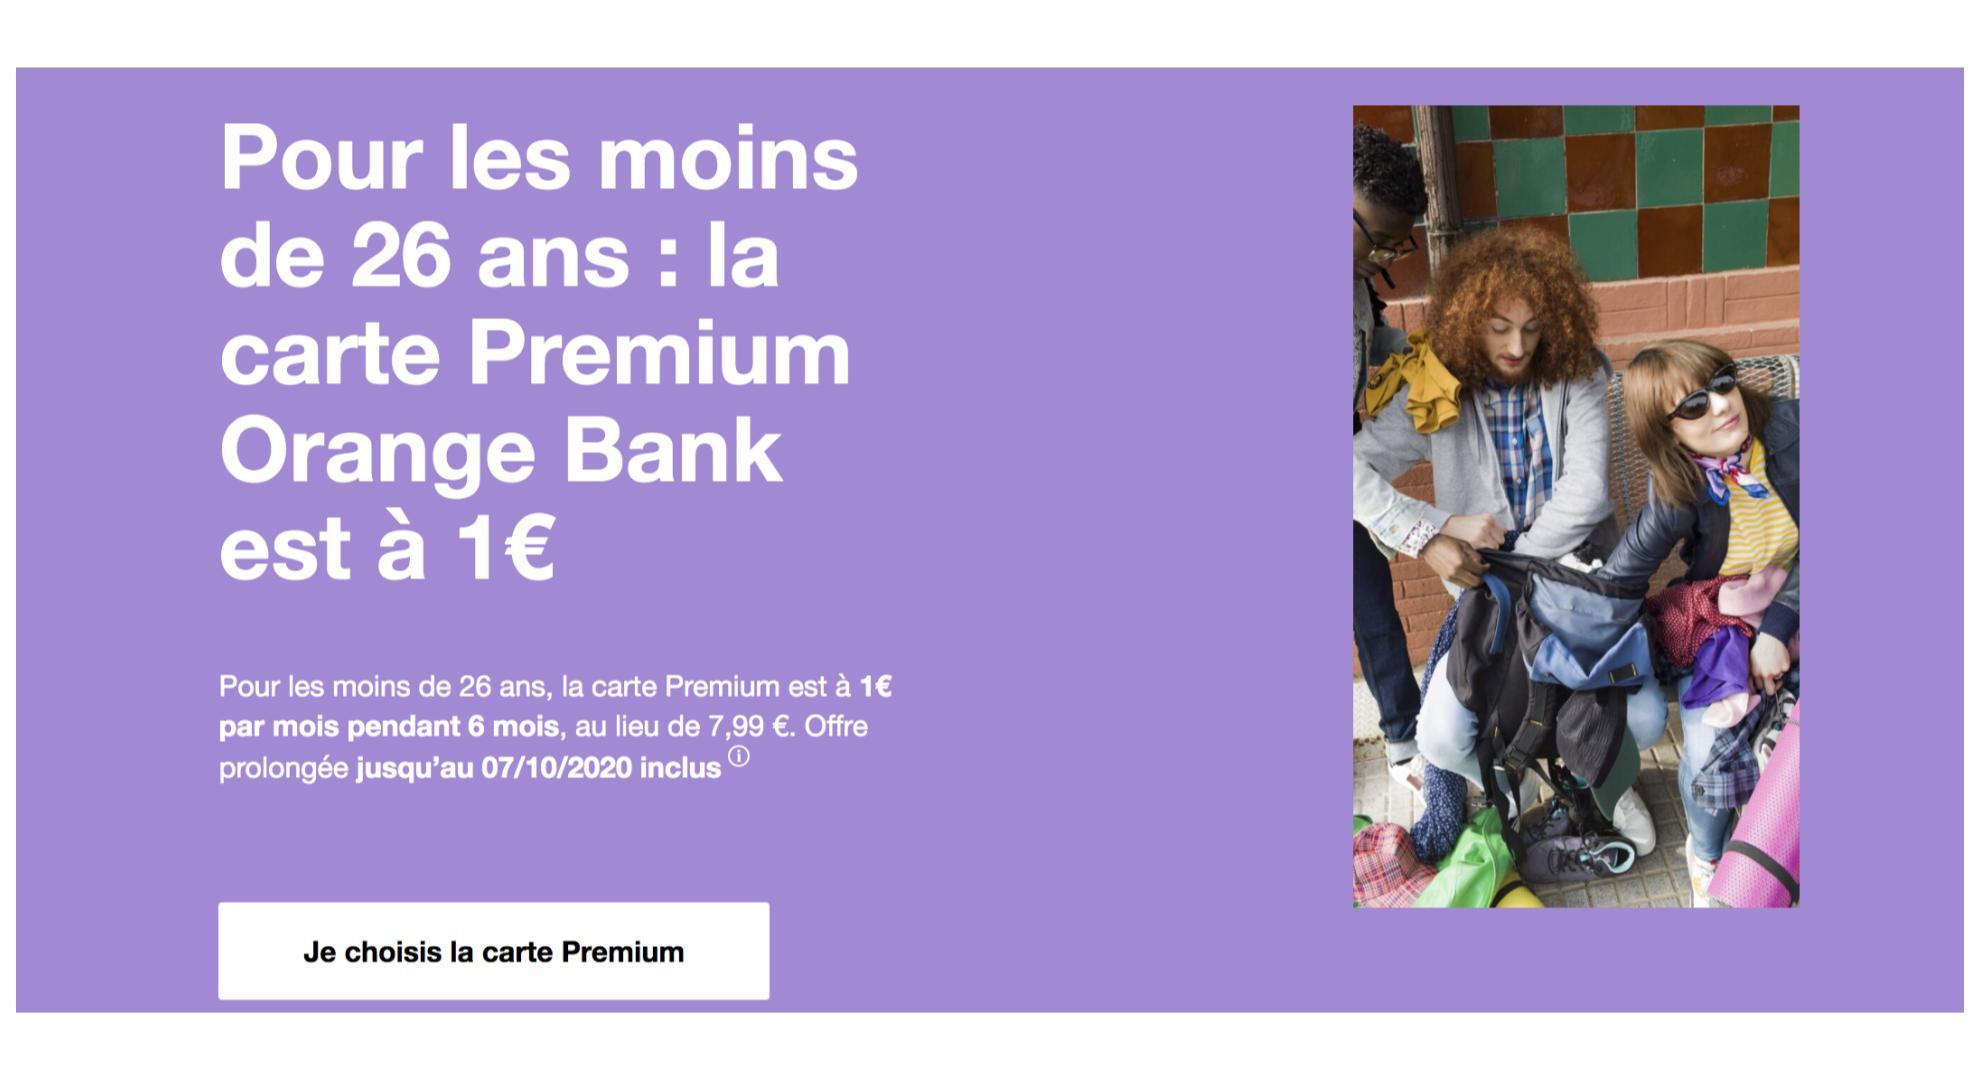 Orange Bank : la carte Visa Premium est à 1 € par mois pour les – de 26 ans